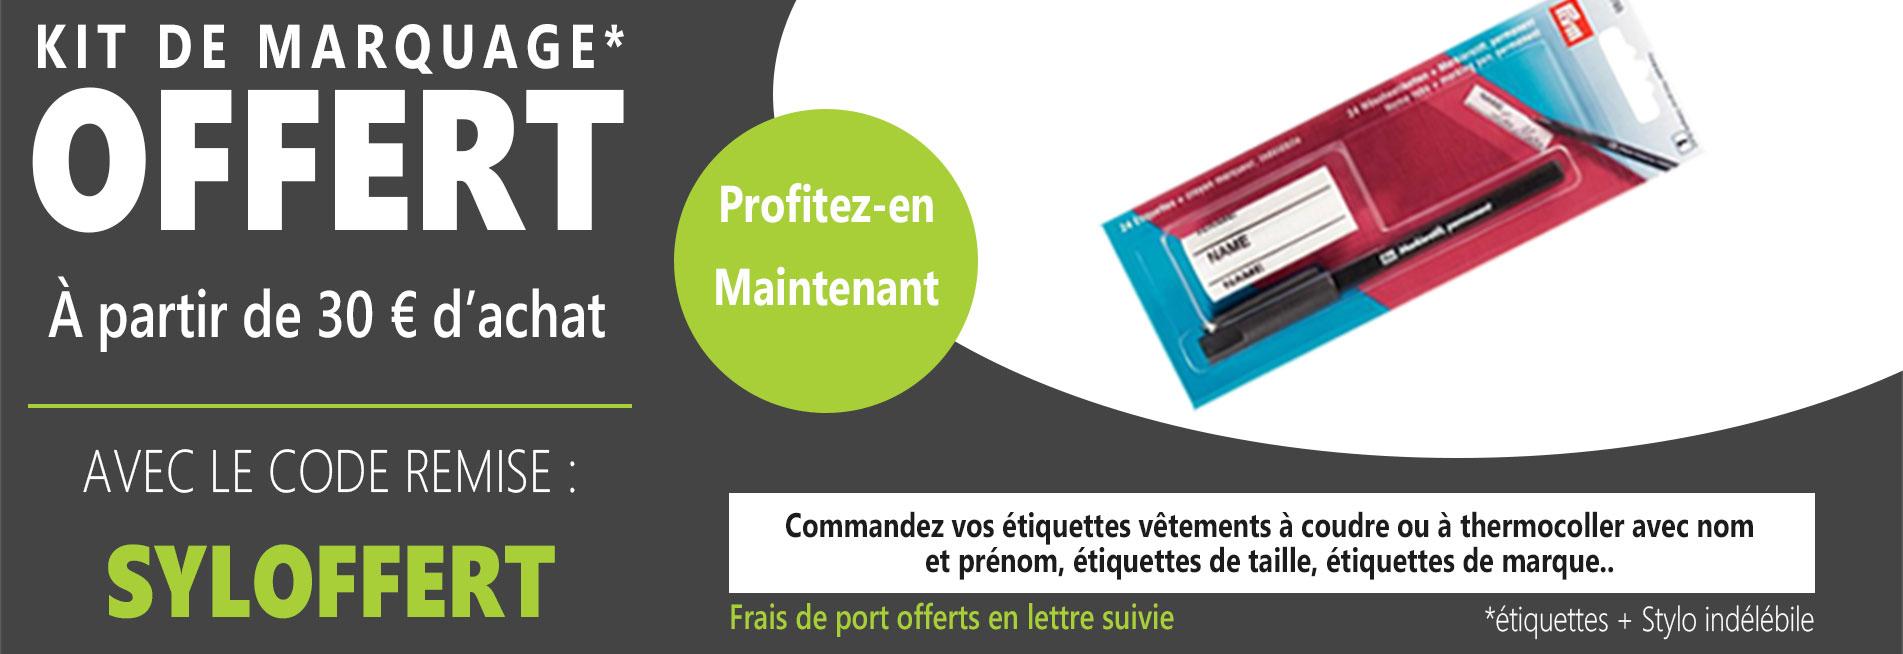 KIT DE MARQUAGE (étiquettes + Stylo indélébile) offert